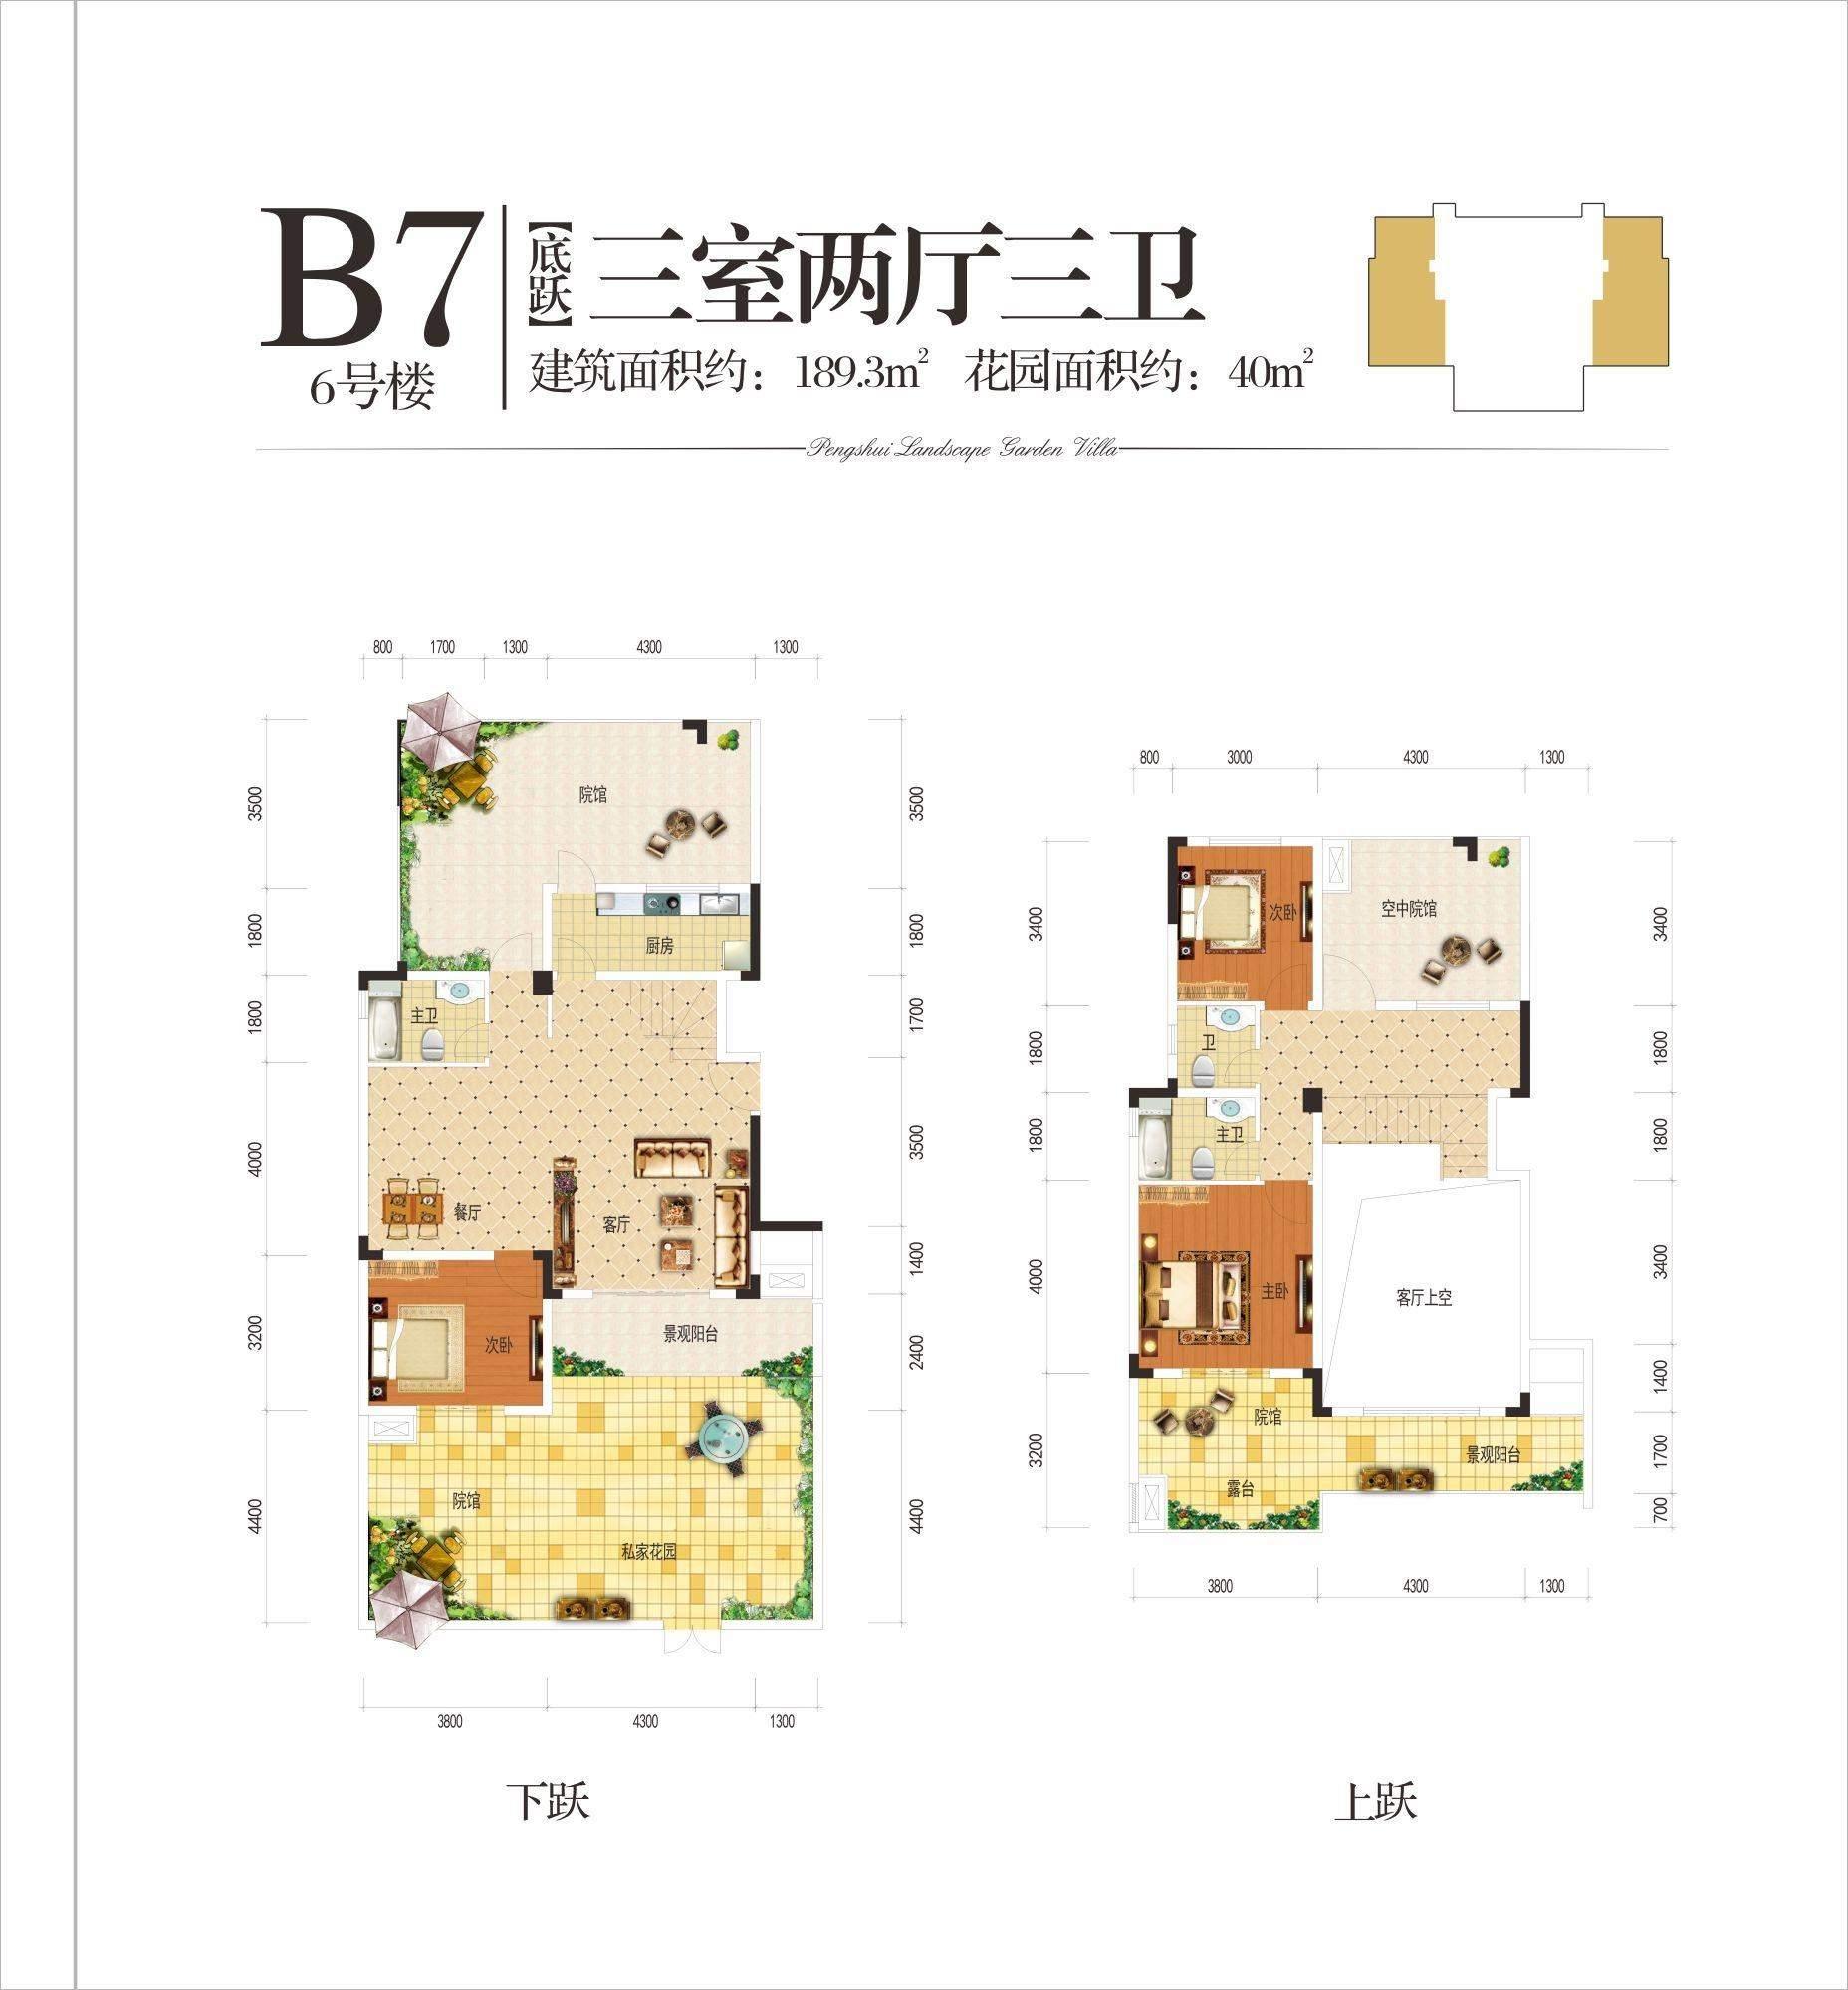 6号楼B7户型